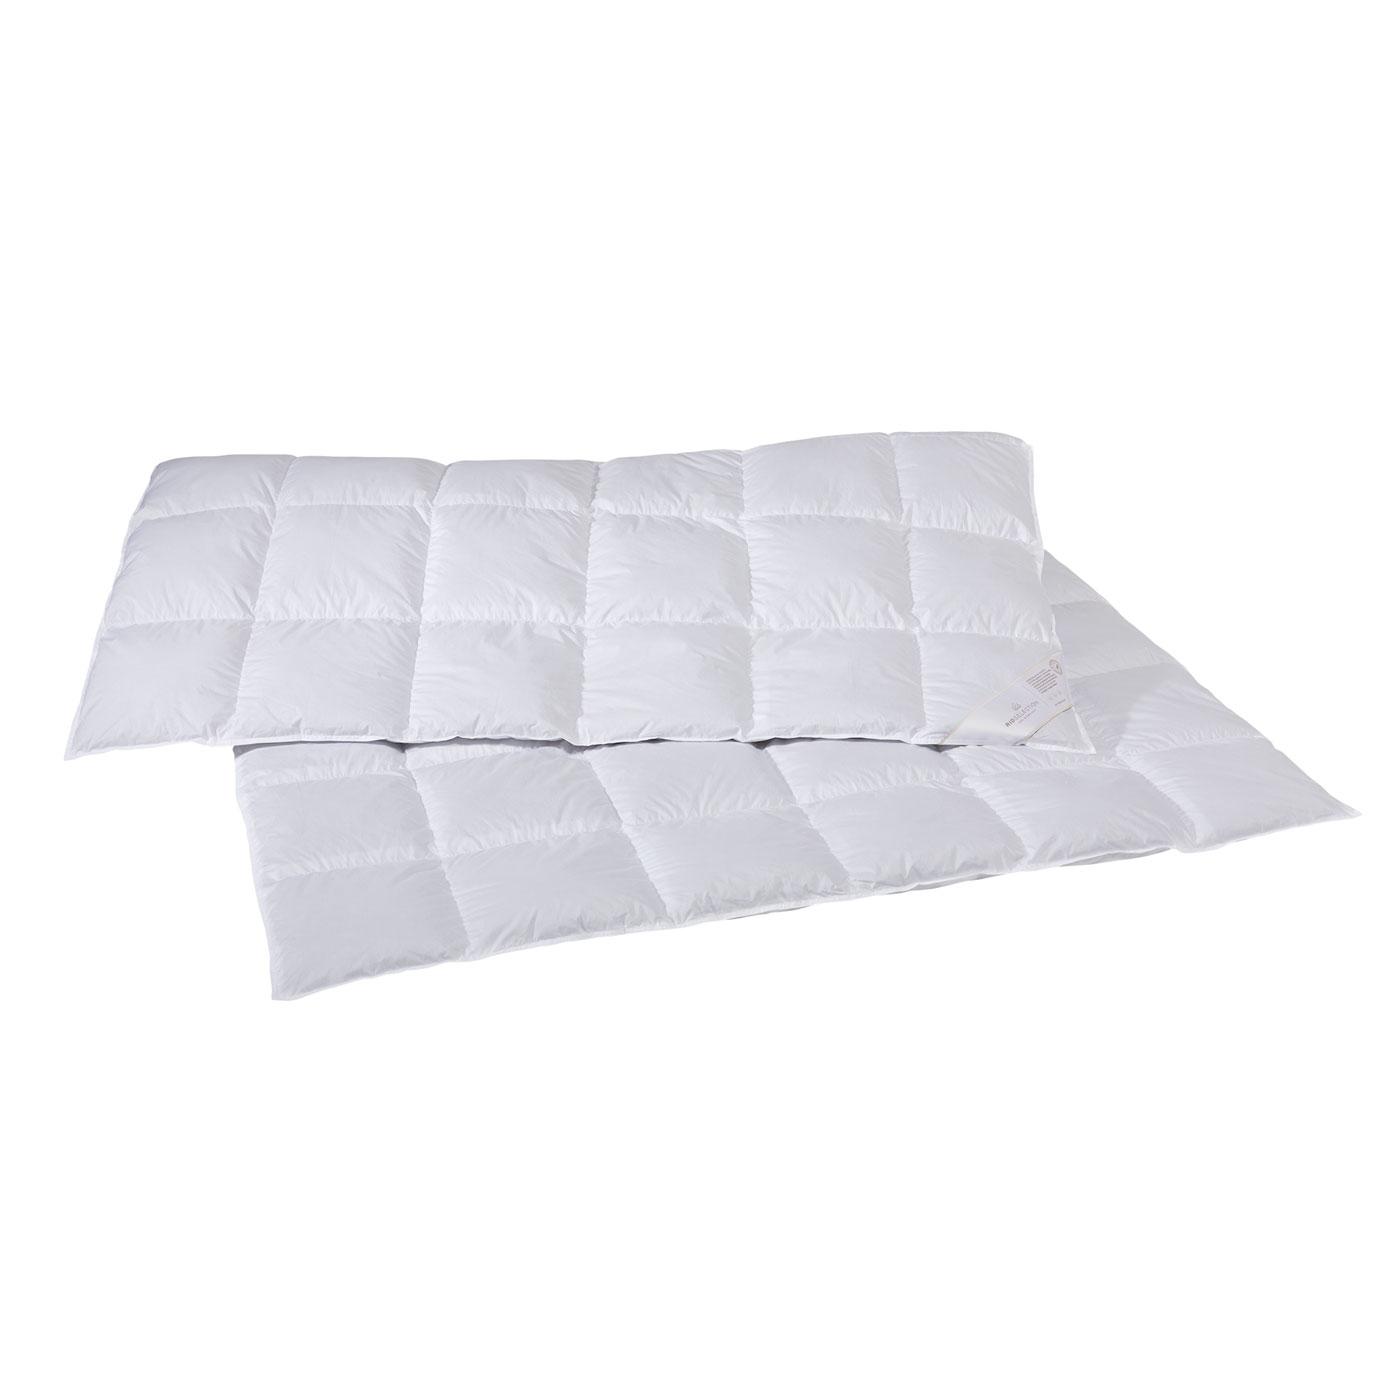 bettdecken nest microfleece bettw sche 200x200. Black Bedroom Furniture Sets. Home Design Ideas